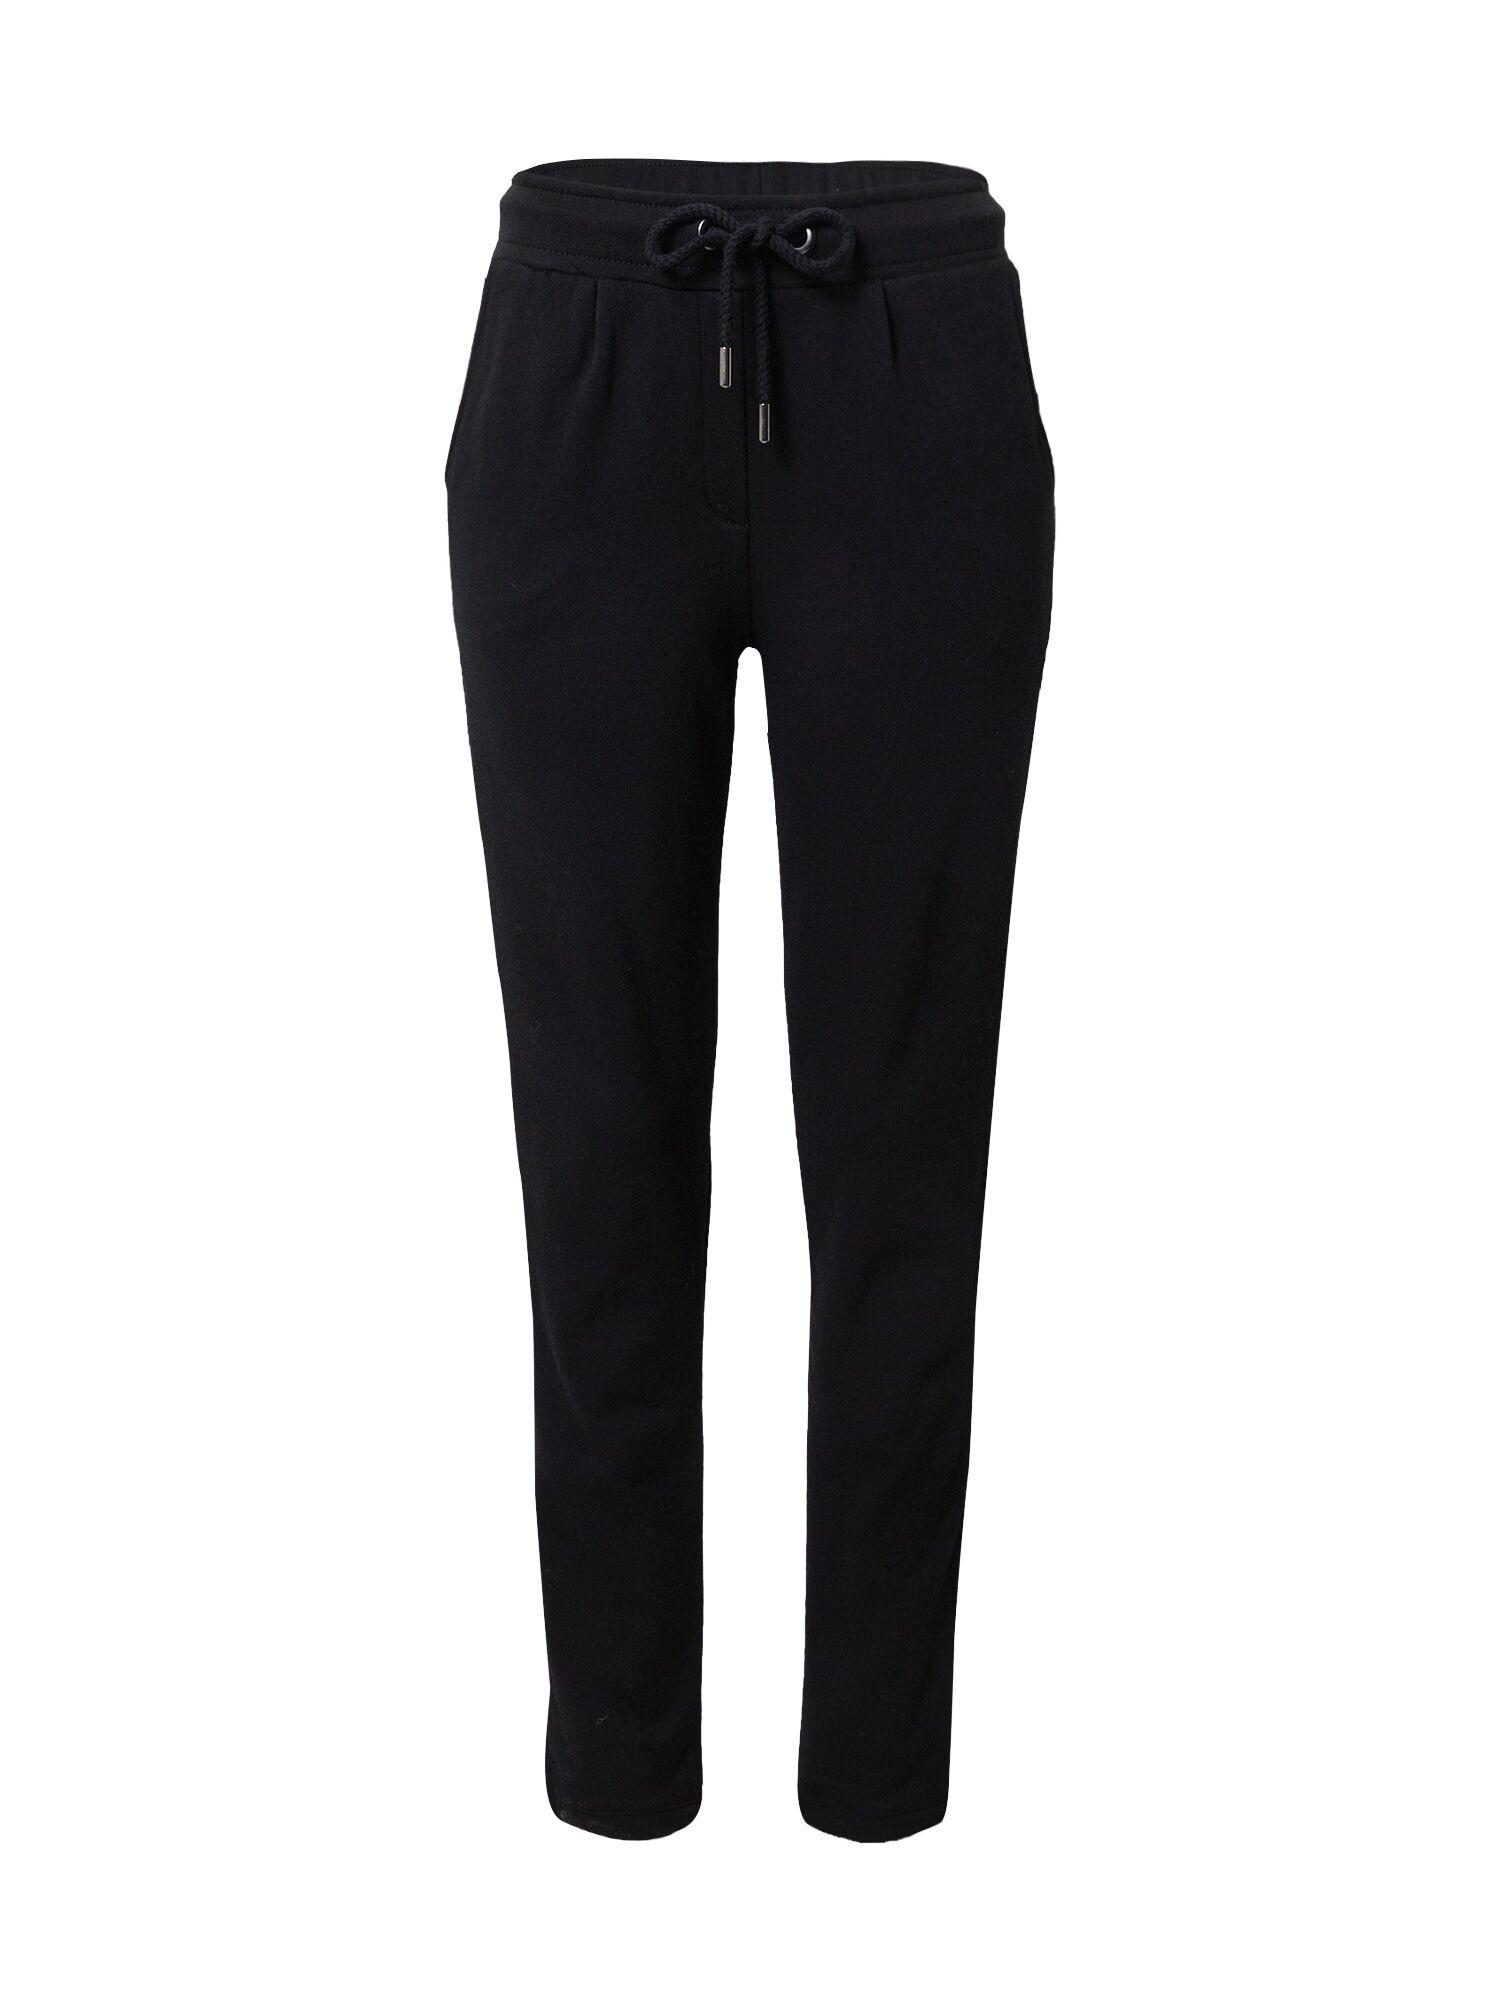 Princess Pantalon à pince  - Noir - Taille: S - female